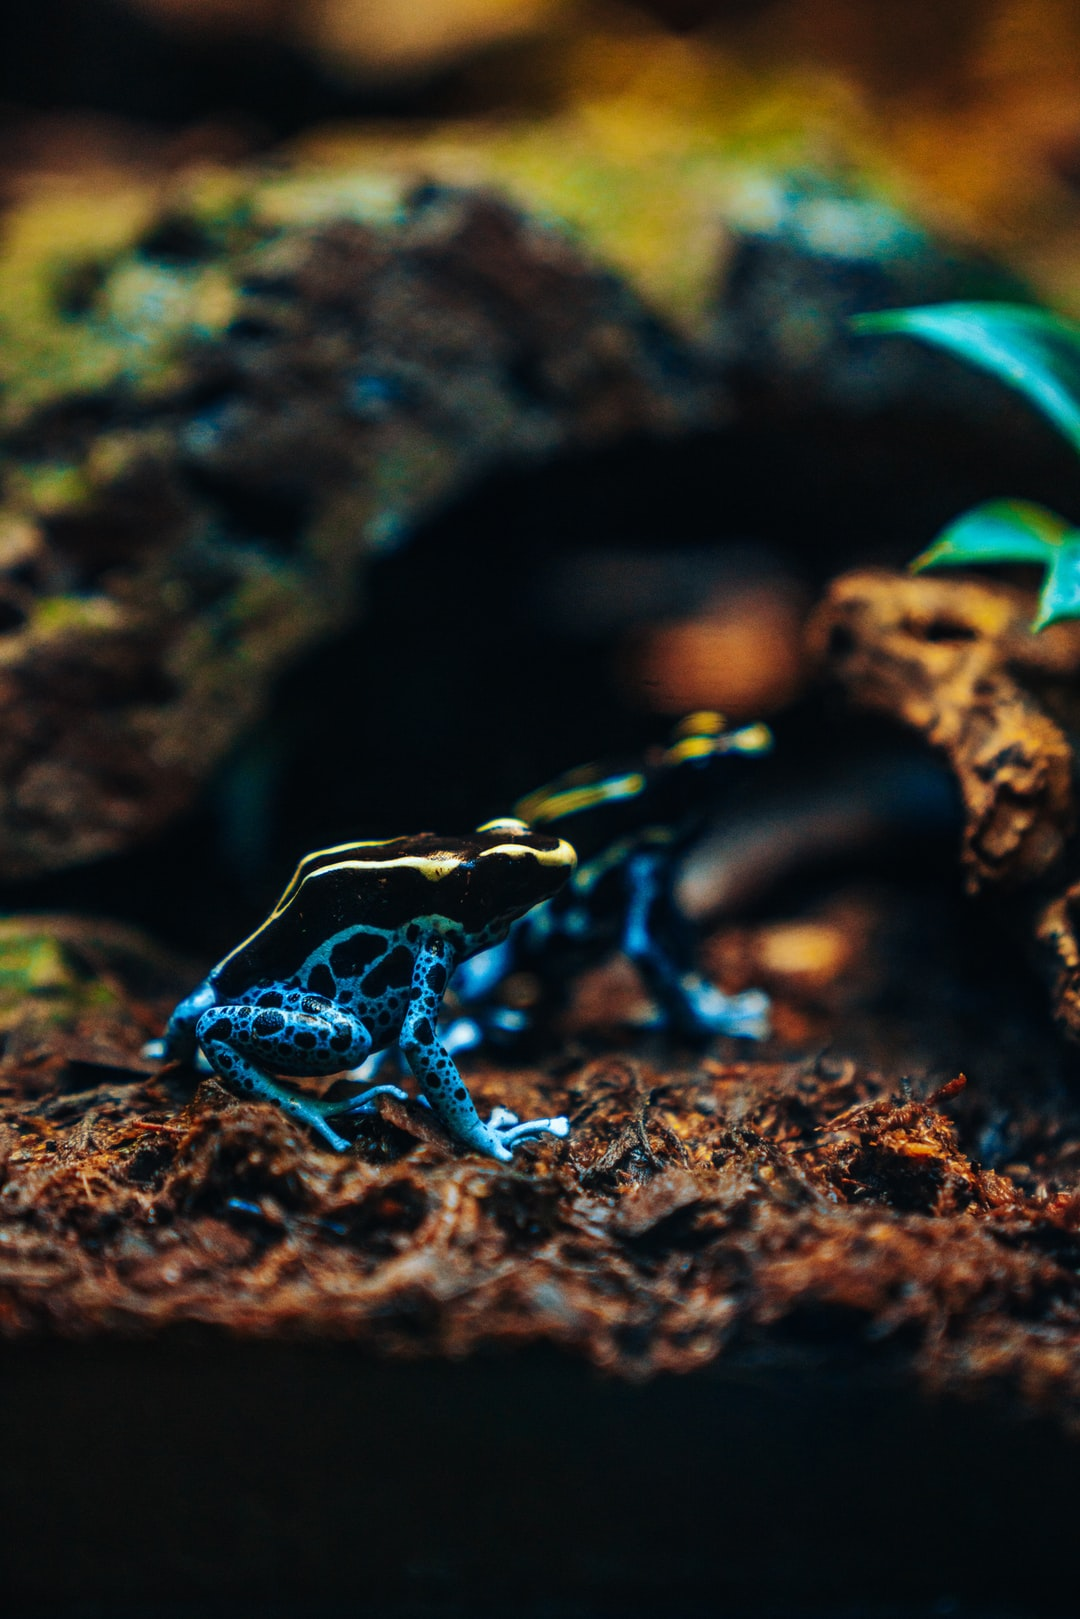 Two colorful Dyeing Poison Dart frogs (Dendrobates Tinctorius).